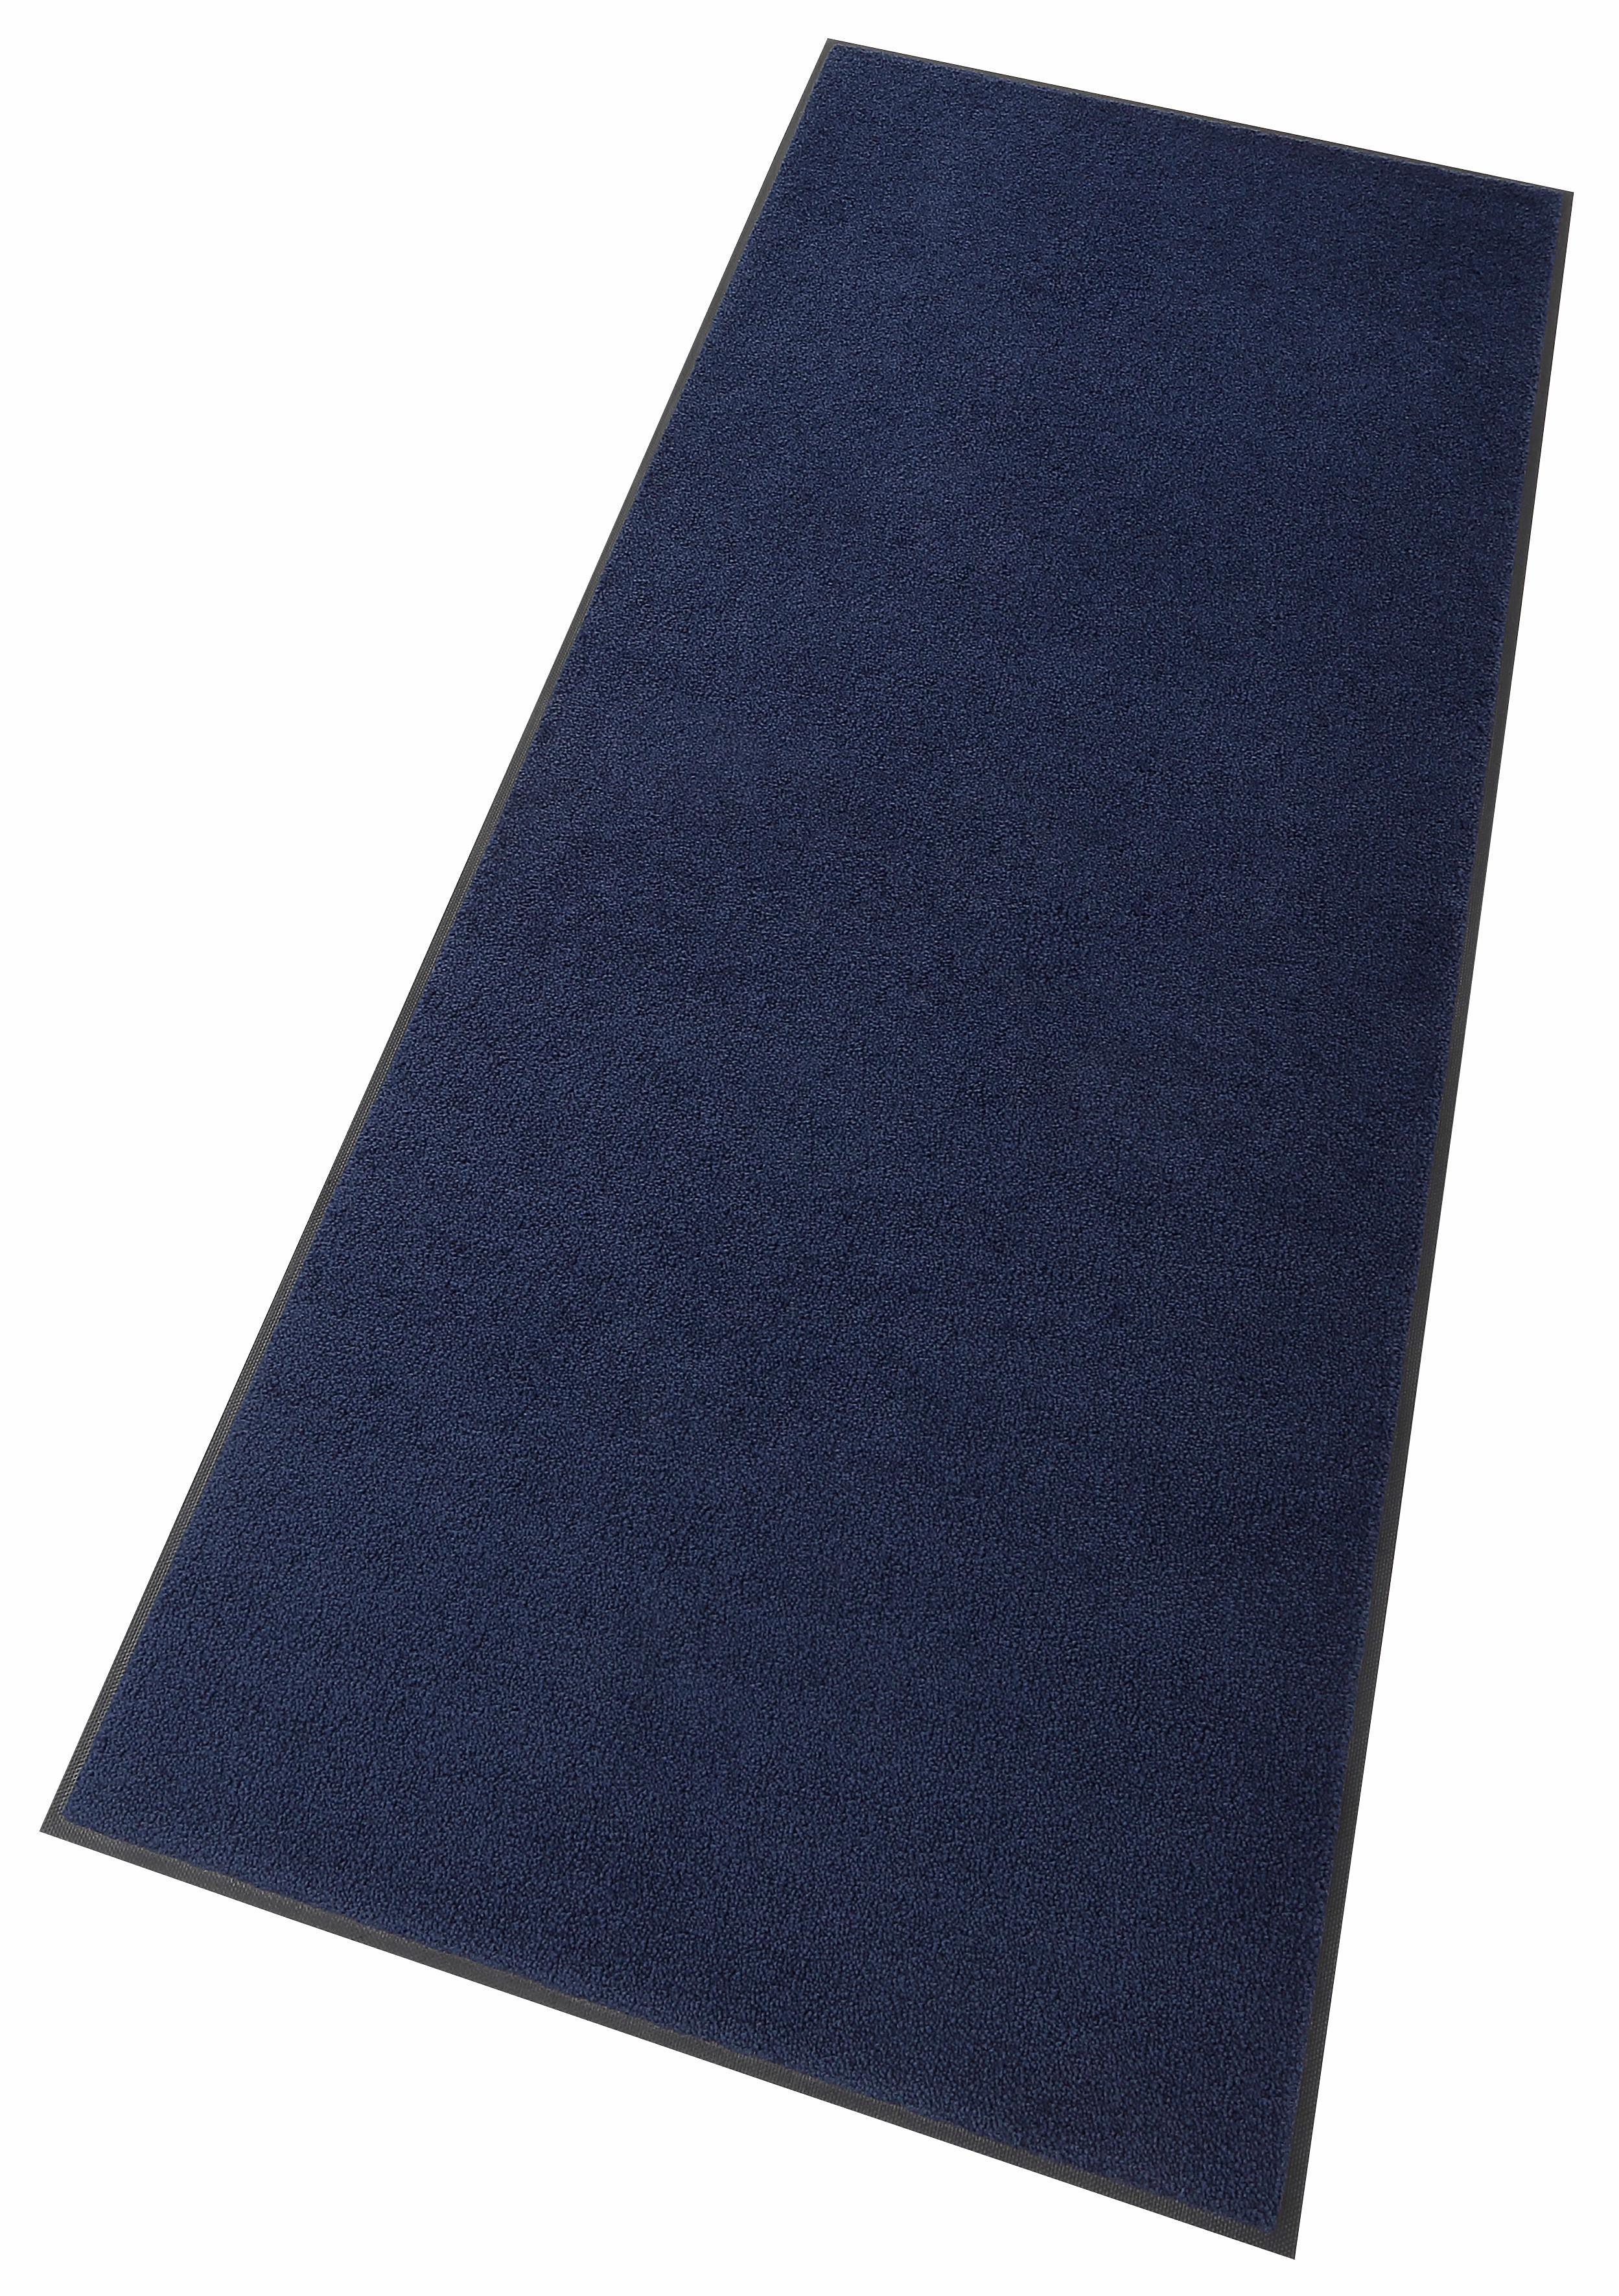 Läufer Original Uni wash+dry by Kleen-Tex rechteckig Höhe 9 mm gedruckt